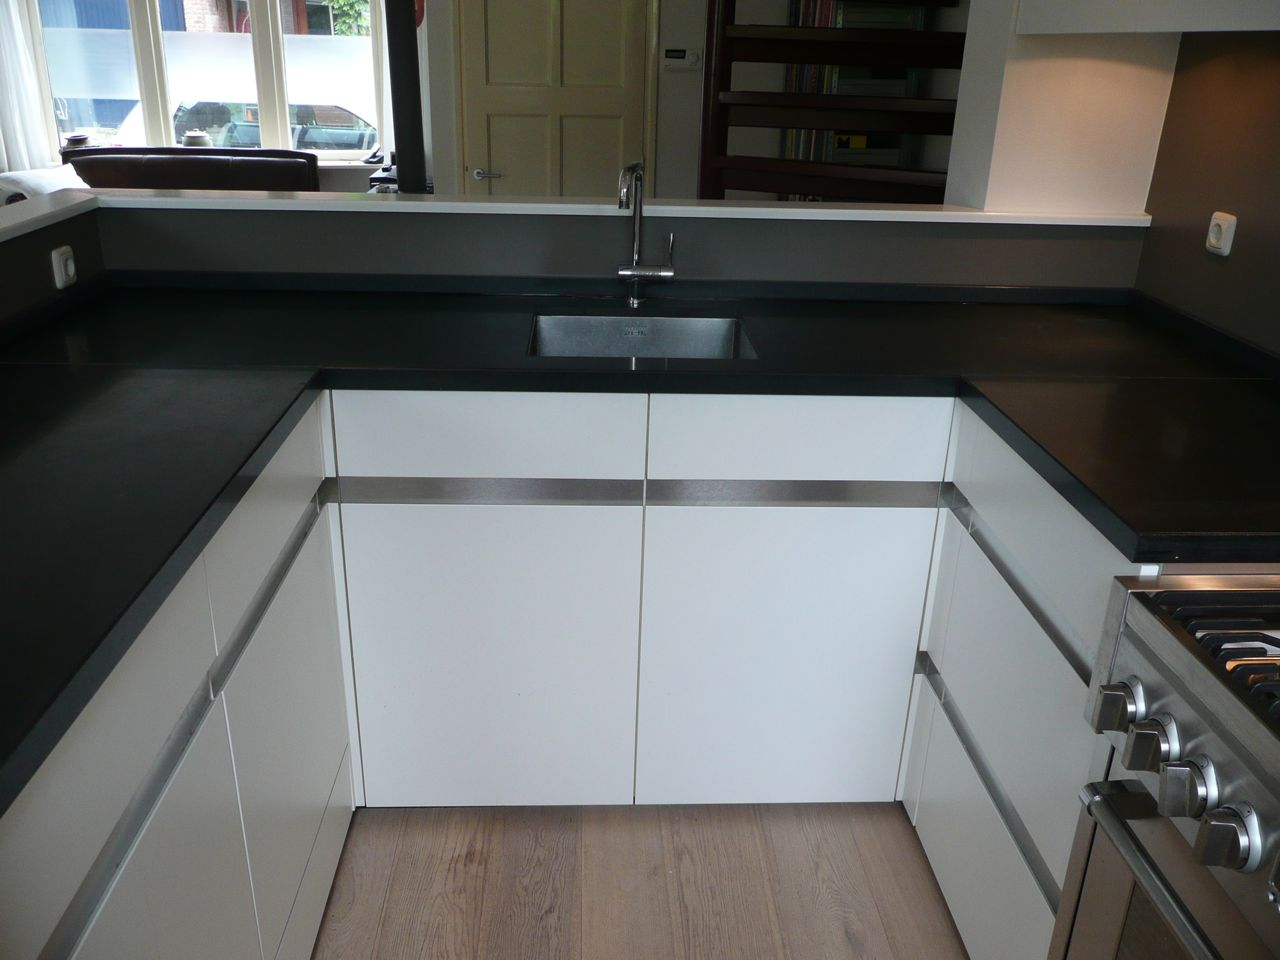 Keuken Plint Rvs : keukens voor uw appartement twee compacte handgemeekte keukens